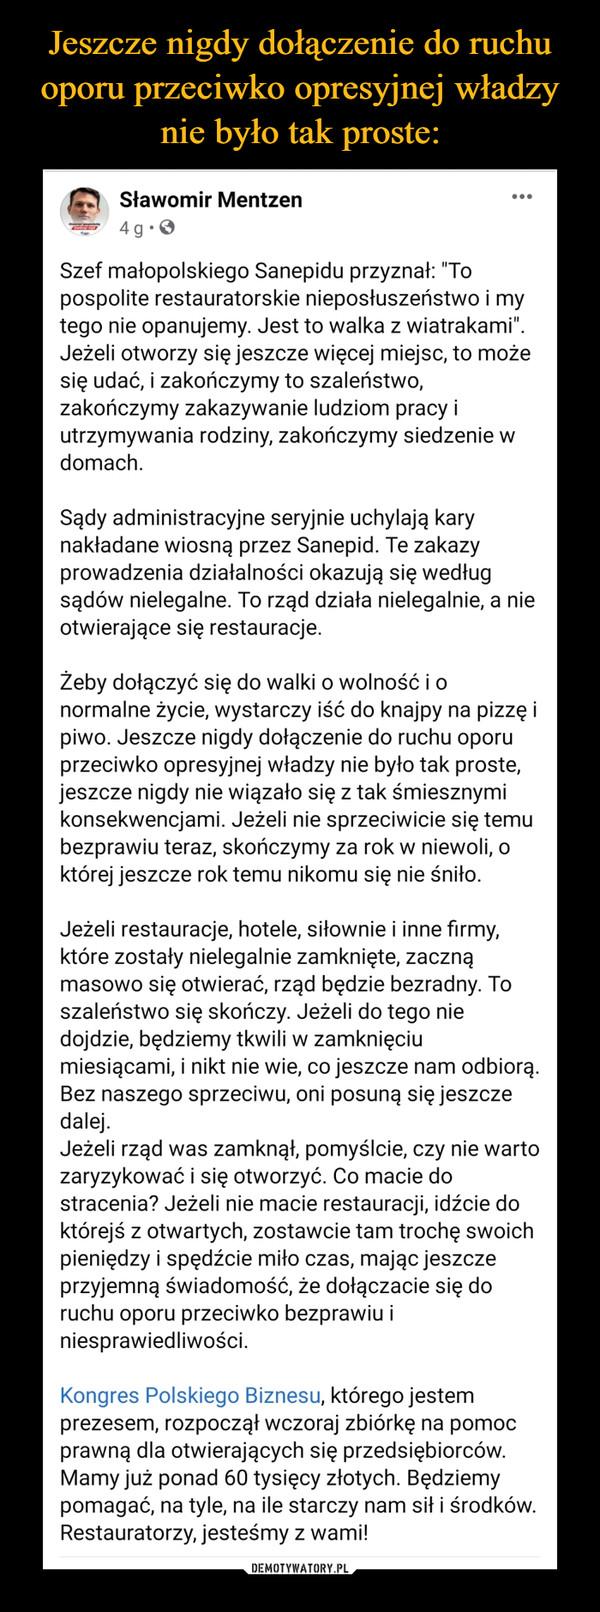 """–  Sławomir Mentzendc4dtSl dporngoudsozfre.d  · Szef małopolskiego Sanepidu przyznał: """"To pospolite restauratorskie nieposłuszeństwo i my tego nie opanujemy. Jest to walka z wiatrakami"""". Jeżeli otworzy się jeszcze więcej miejsc, to może się udać, i zakończymy to szaleństwo, zakończymy zakazywanie ludziom pracy i utrzymywania rodziny, zakończymy siedzenie w domach. Sądy administracyjne seryjnie uchylają kary nakładane wiosną przez Sanepid. Te zakazy prowadzenia działalności okazują się według sądów nielegalne. To rząd działa nielegalnie, a nie otwierające się restauracje. Żeby dołączyć się do walki o wolność i o normalne życie, wystarczy iść do knajpy na pizzę i piwo. Jeszcze nigdy dołączenie do ruchu oporu przeciwko opresyjnej władzy nie było tak proste, jeszcze nigdy nie wiązało się z tak śmiesznymi konsekwencjami. Jeżeli nie sprzeciwicie się temu bezprawiu teraz, skończymy za rok w niewoli, o której jeszcze rok temu nikomu się nie śniło.Jeżeli restauracje, hotele, siłownie i inne firmy, które zostały nielegalnie zamknięte, zaczną masowo się otwierać, rząd będzie bezradny. To szaleństwo się skończy. Jeżeli do tego nie dojdzie, będziemy tkwili w zamknięciu miesiącami, i nikt nie wie, co jeszcze nam odbiorą. Bez naszego sprzeciwu, oni posuną się jeszcze dalej.Jeżeli rząd was zamknął, pomyślcie, czy nie warto zaryzykować i się otworzyć. Co macie do stracenia? Jeżeli nie macie restauracji, idźcie do którejś z otwartych, zostawcie tam trochę swoich pieniędzy i spędźcie miło czas, mając jeszcze przyjemną świadomość, że dołączacie się do ruchu oporu przeciwko bezprawiu i niesprawiedliwości. Kongres Polskiego Biznesu, którego jestem prezesem, rozpoczął wczoraj zbiórkę na pomoc prawną dla otwierających się przedsiębiorców. Mamy już ponad 60 tysięcy złotych. Będziemy pomagać, na tyle, na ile starczy nam sił i środków. Restauratorzy, jesteśmy z wami!"""